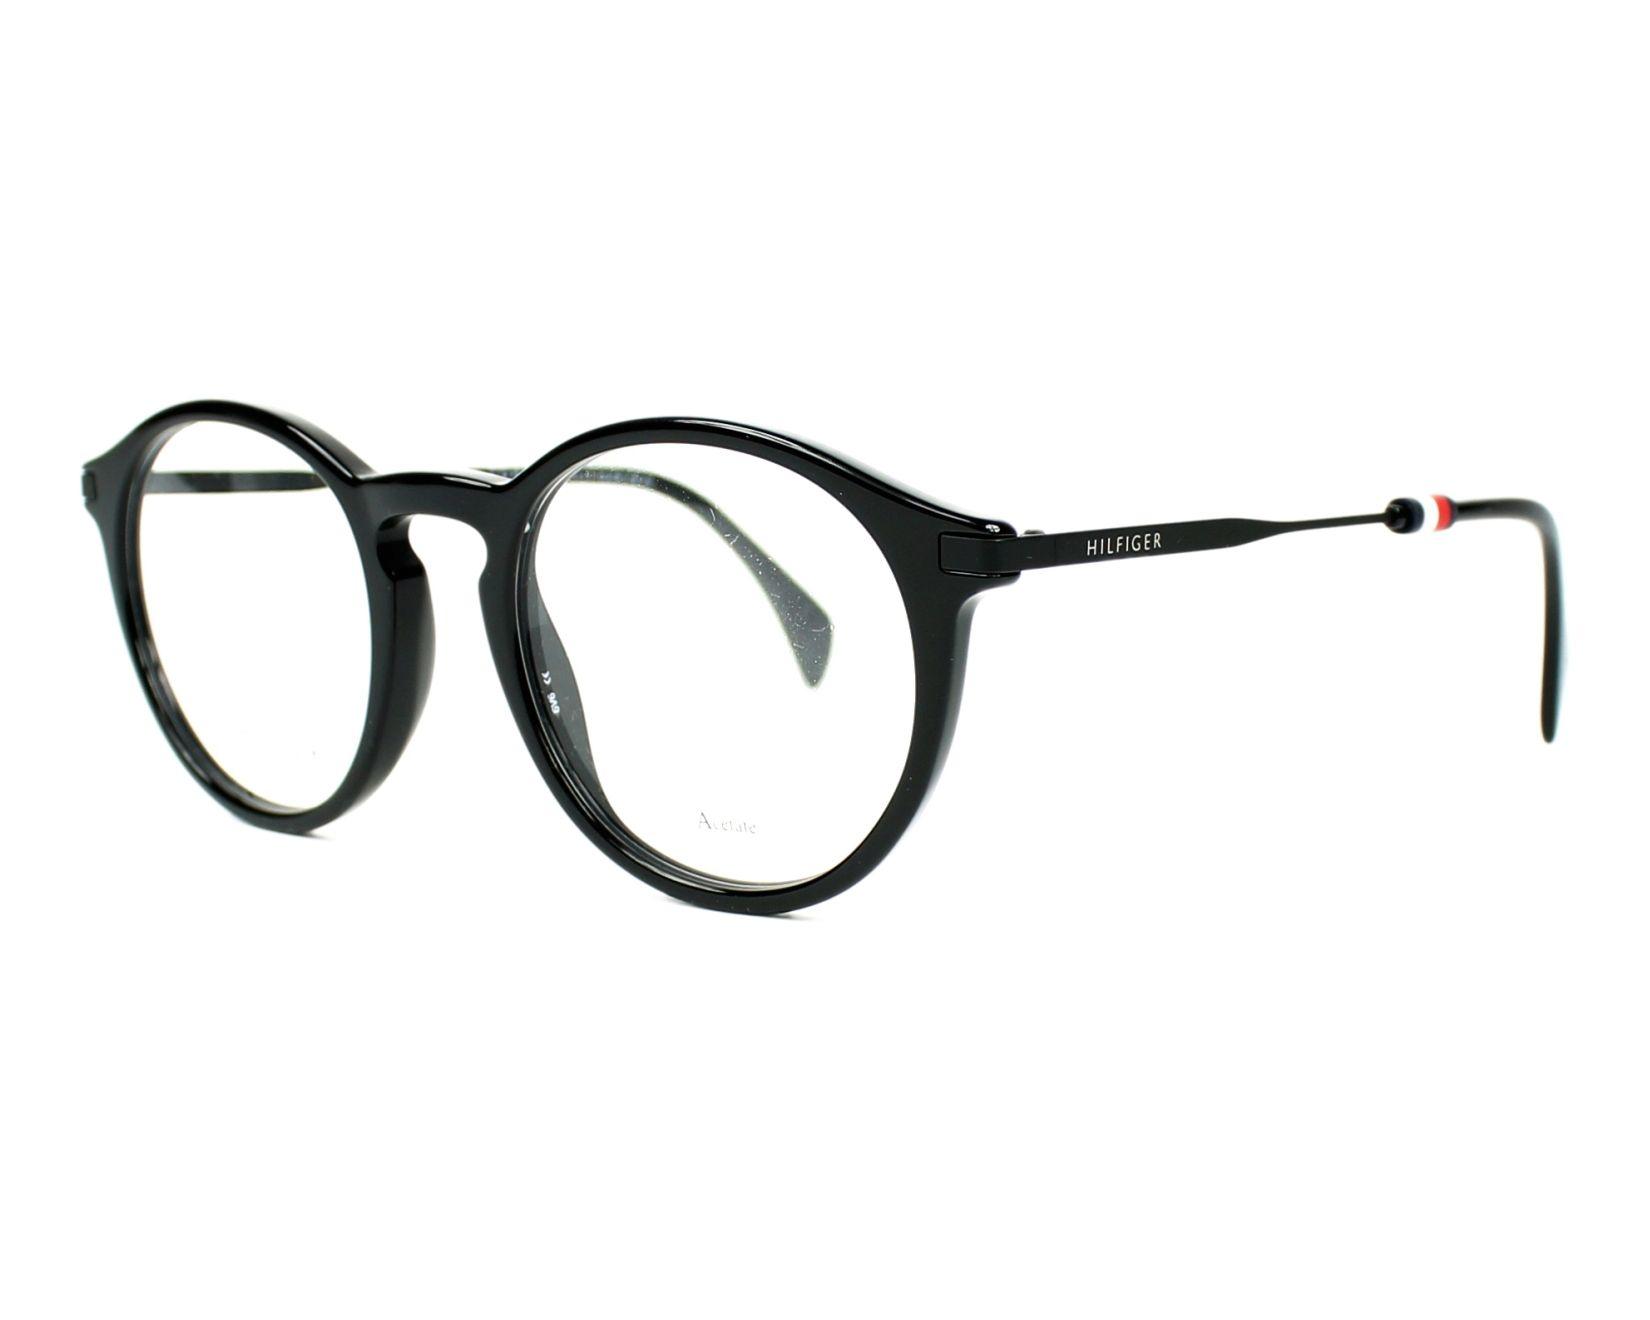 lunettes de vue tommy hilfiger th 1471 807 noir. Black Bedroom Furniture Sets. Home Design Ideas